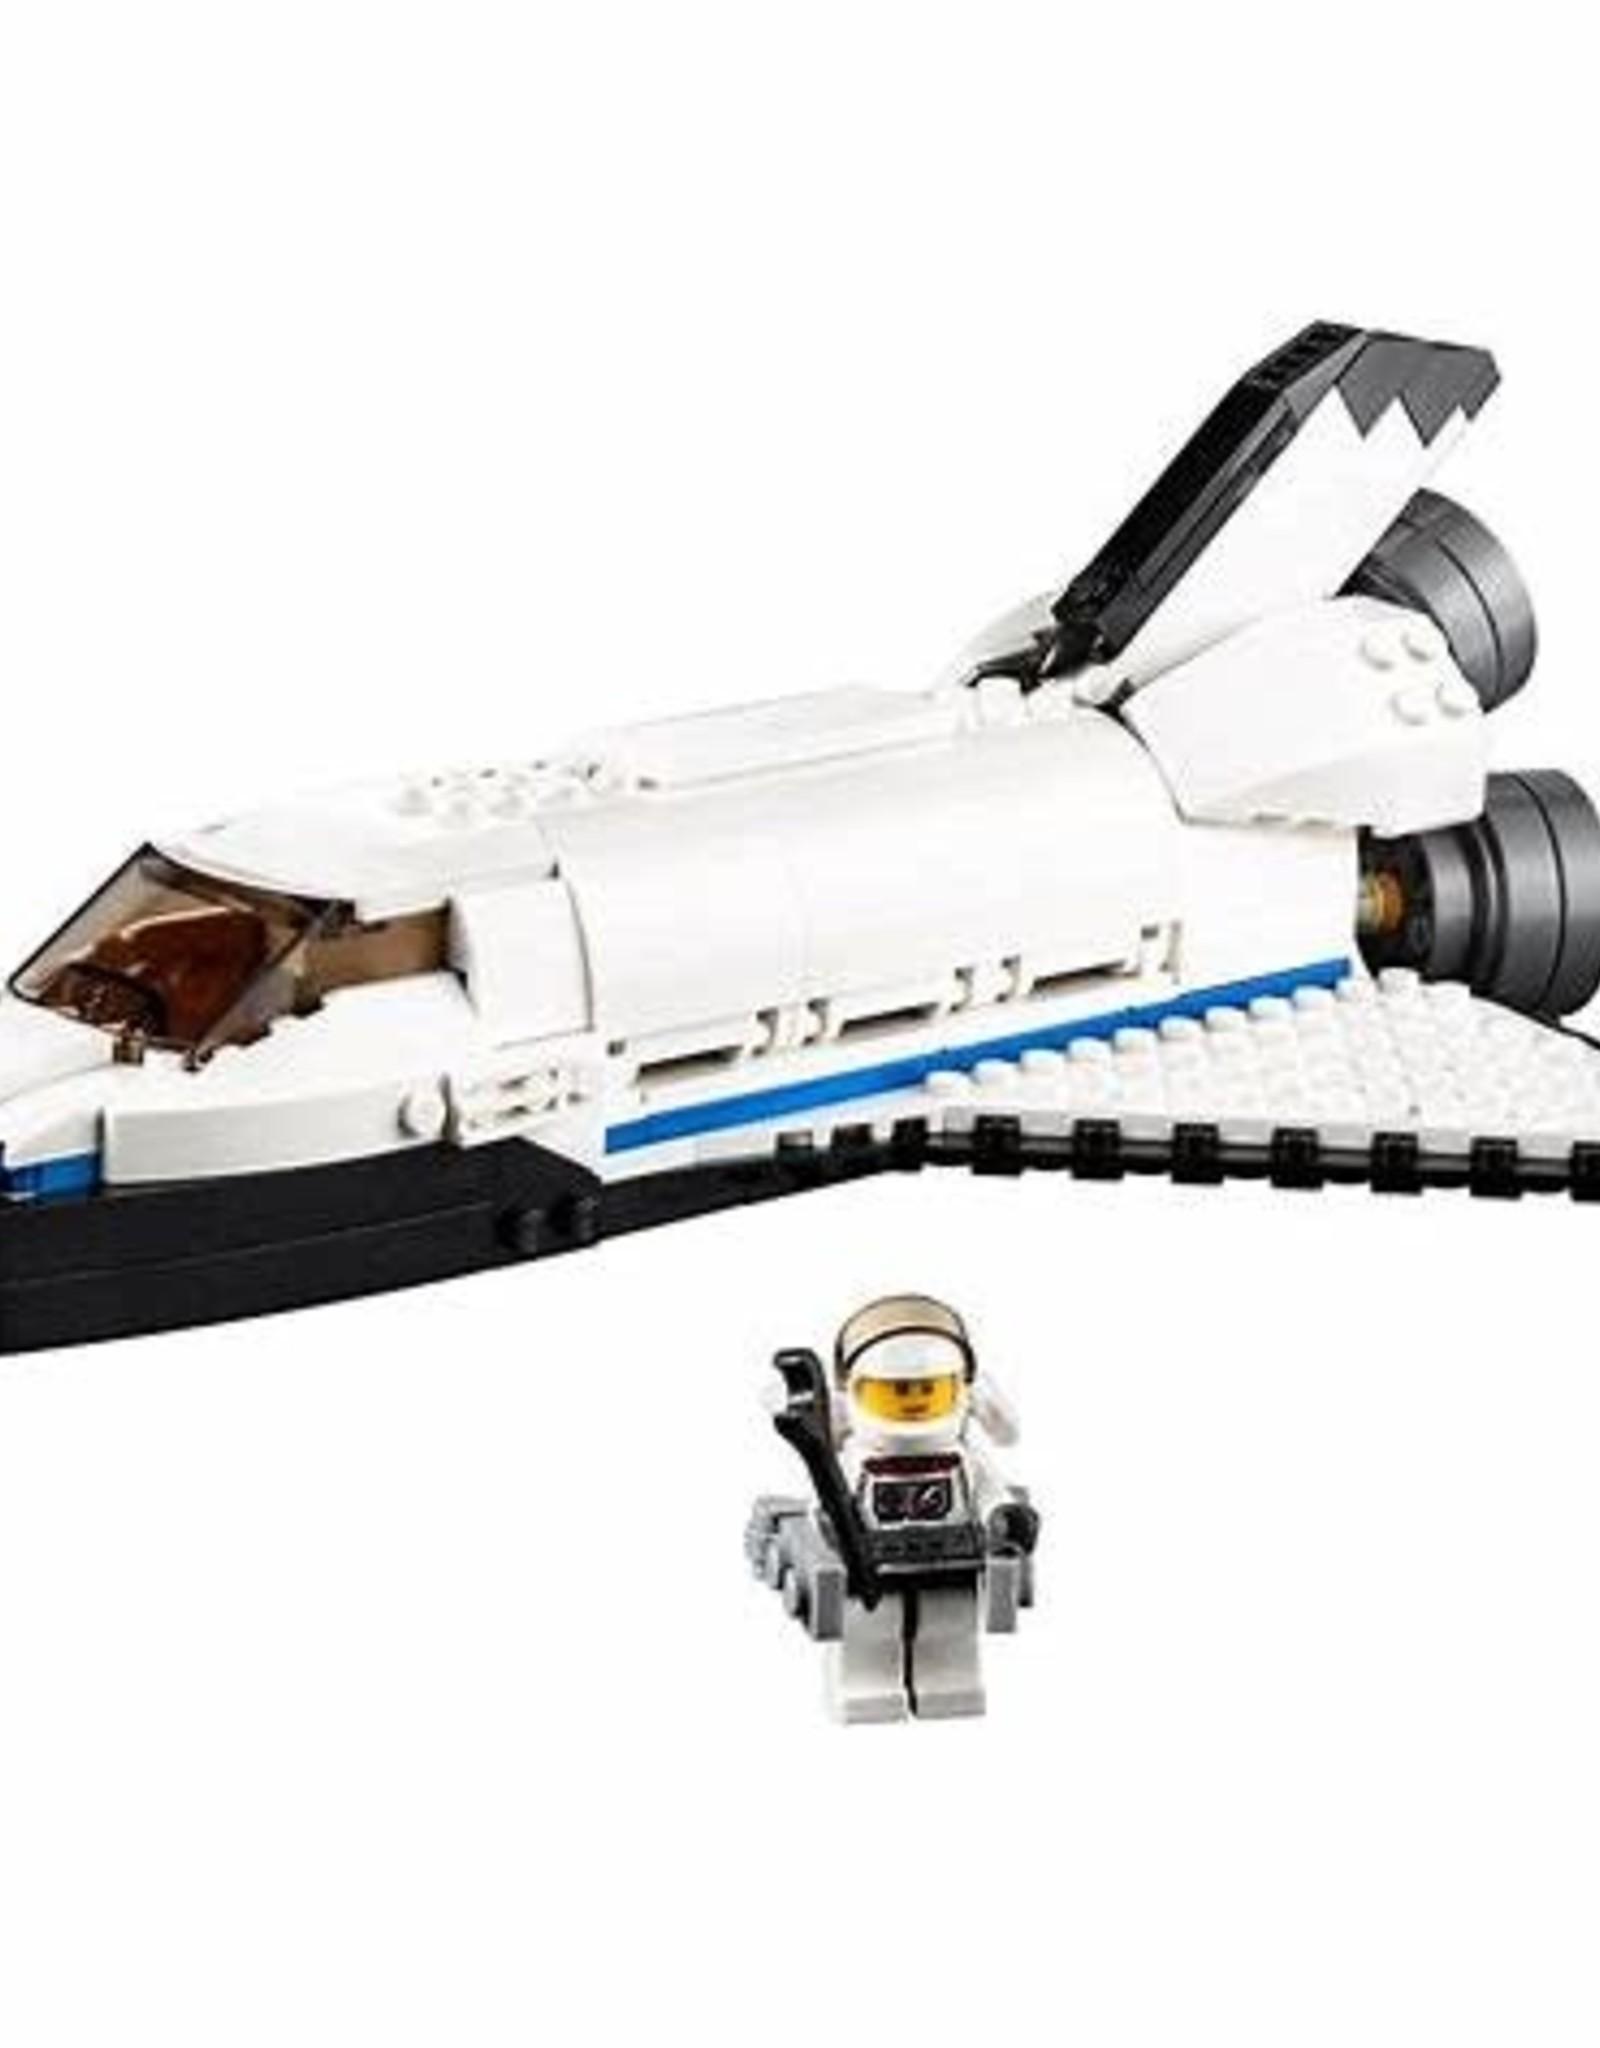 CREATOR Space Shuttle Adventure